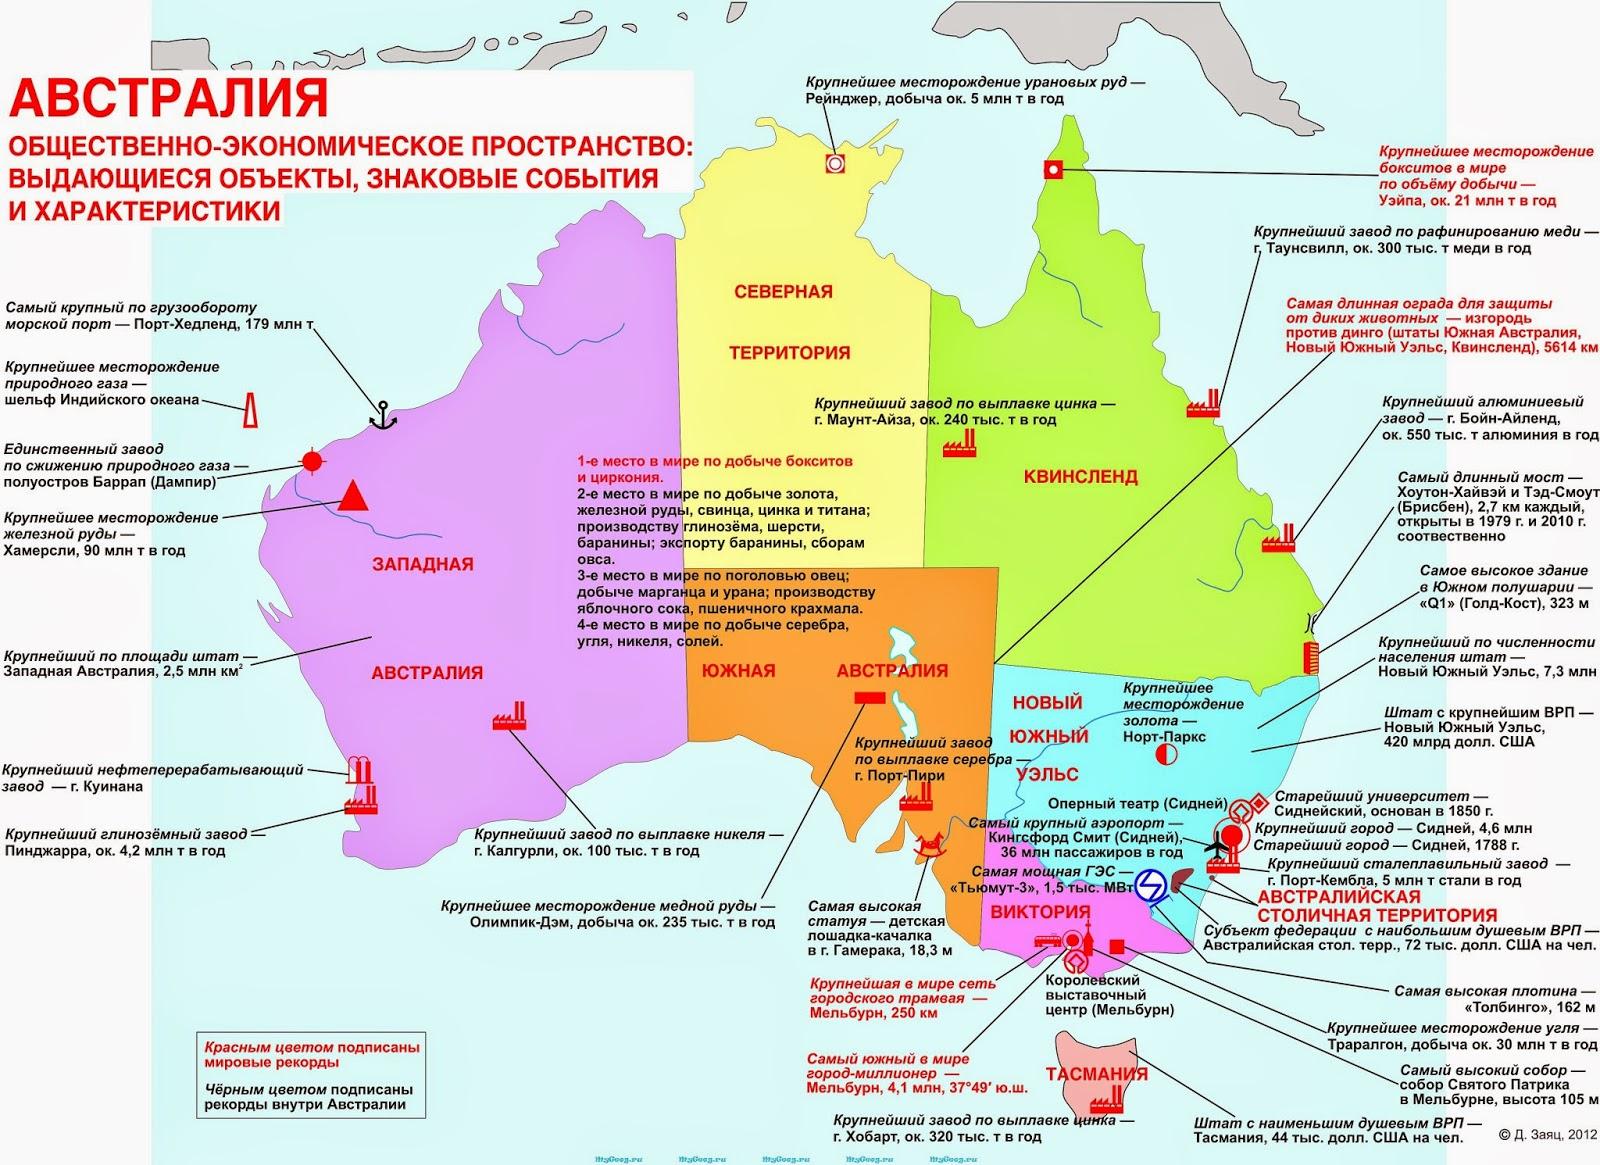 Австралия выдающиеся объекты и характеристики